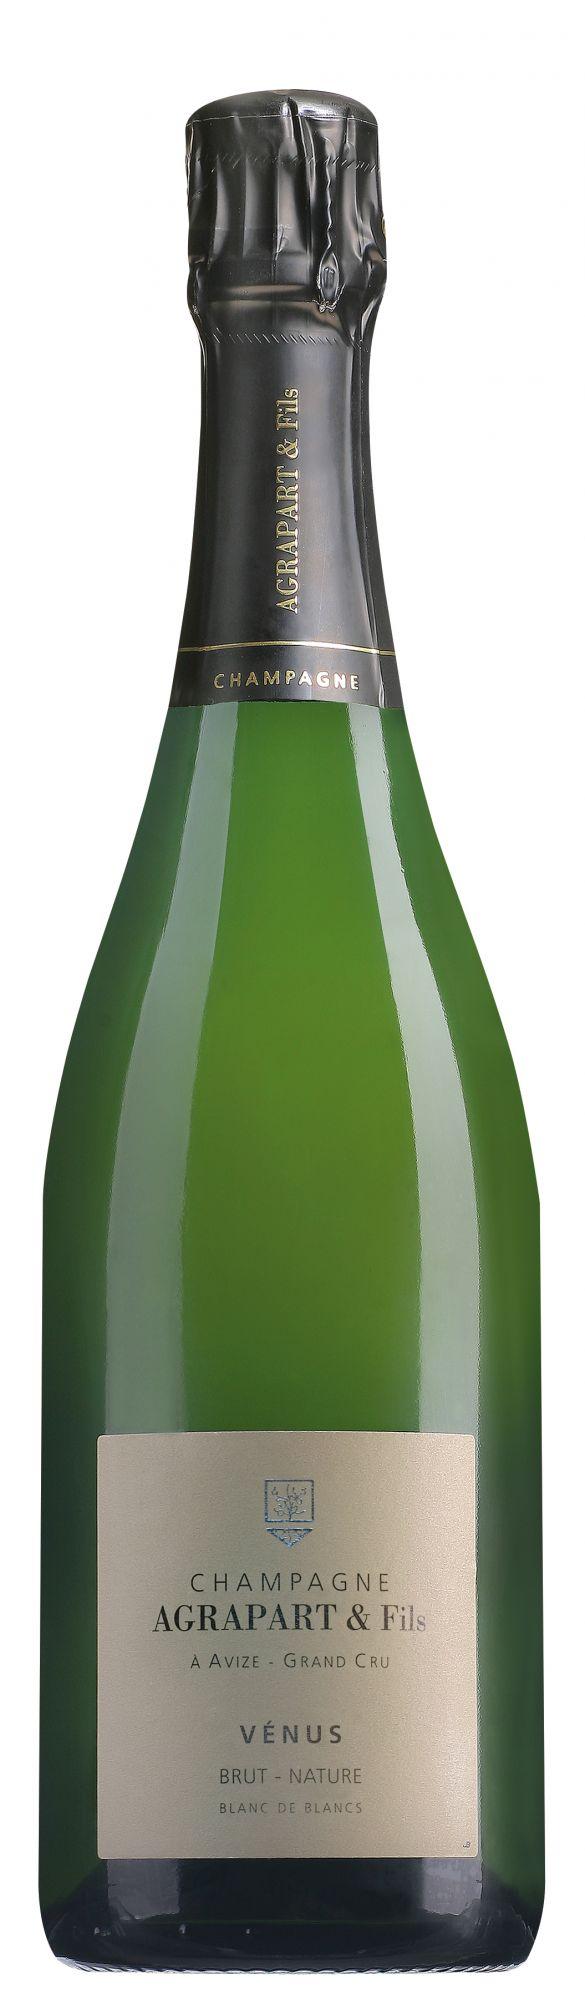 Agrapart Champagne Grand Cru Vénus Brut Nature